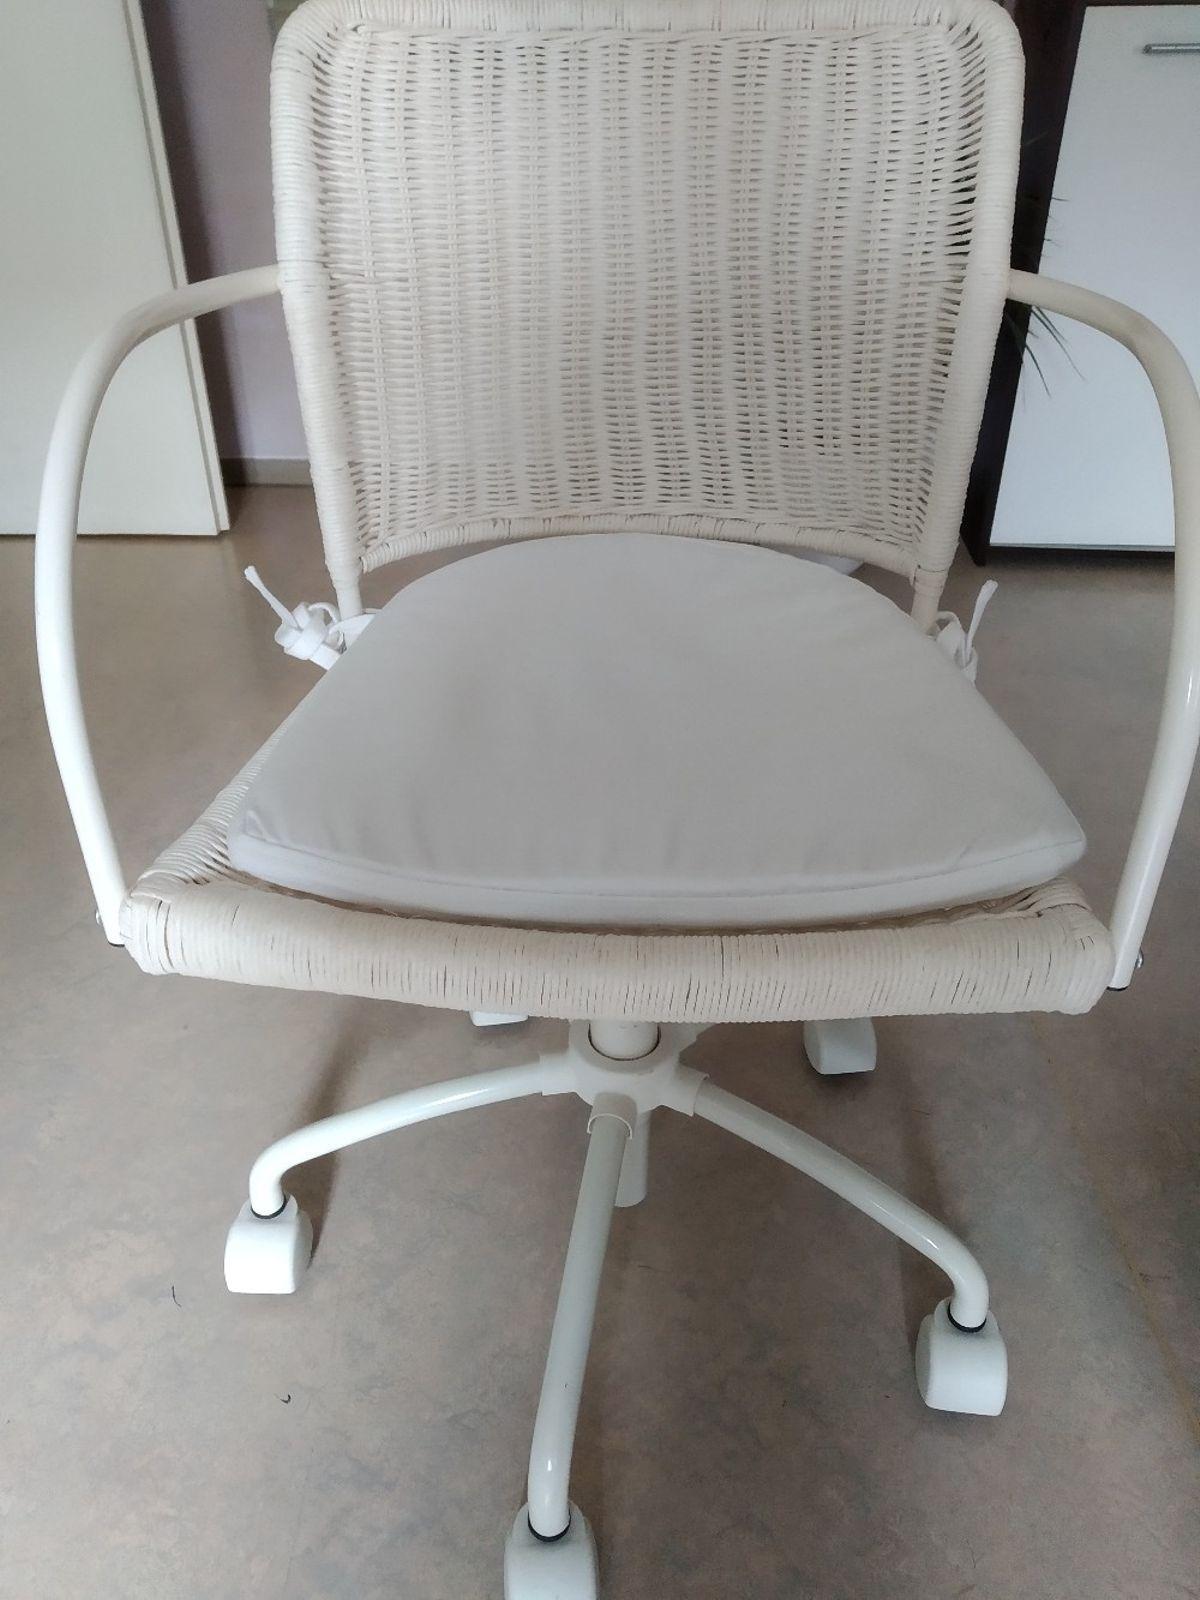 Ikea Schreibtisch Stuhl Weiß